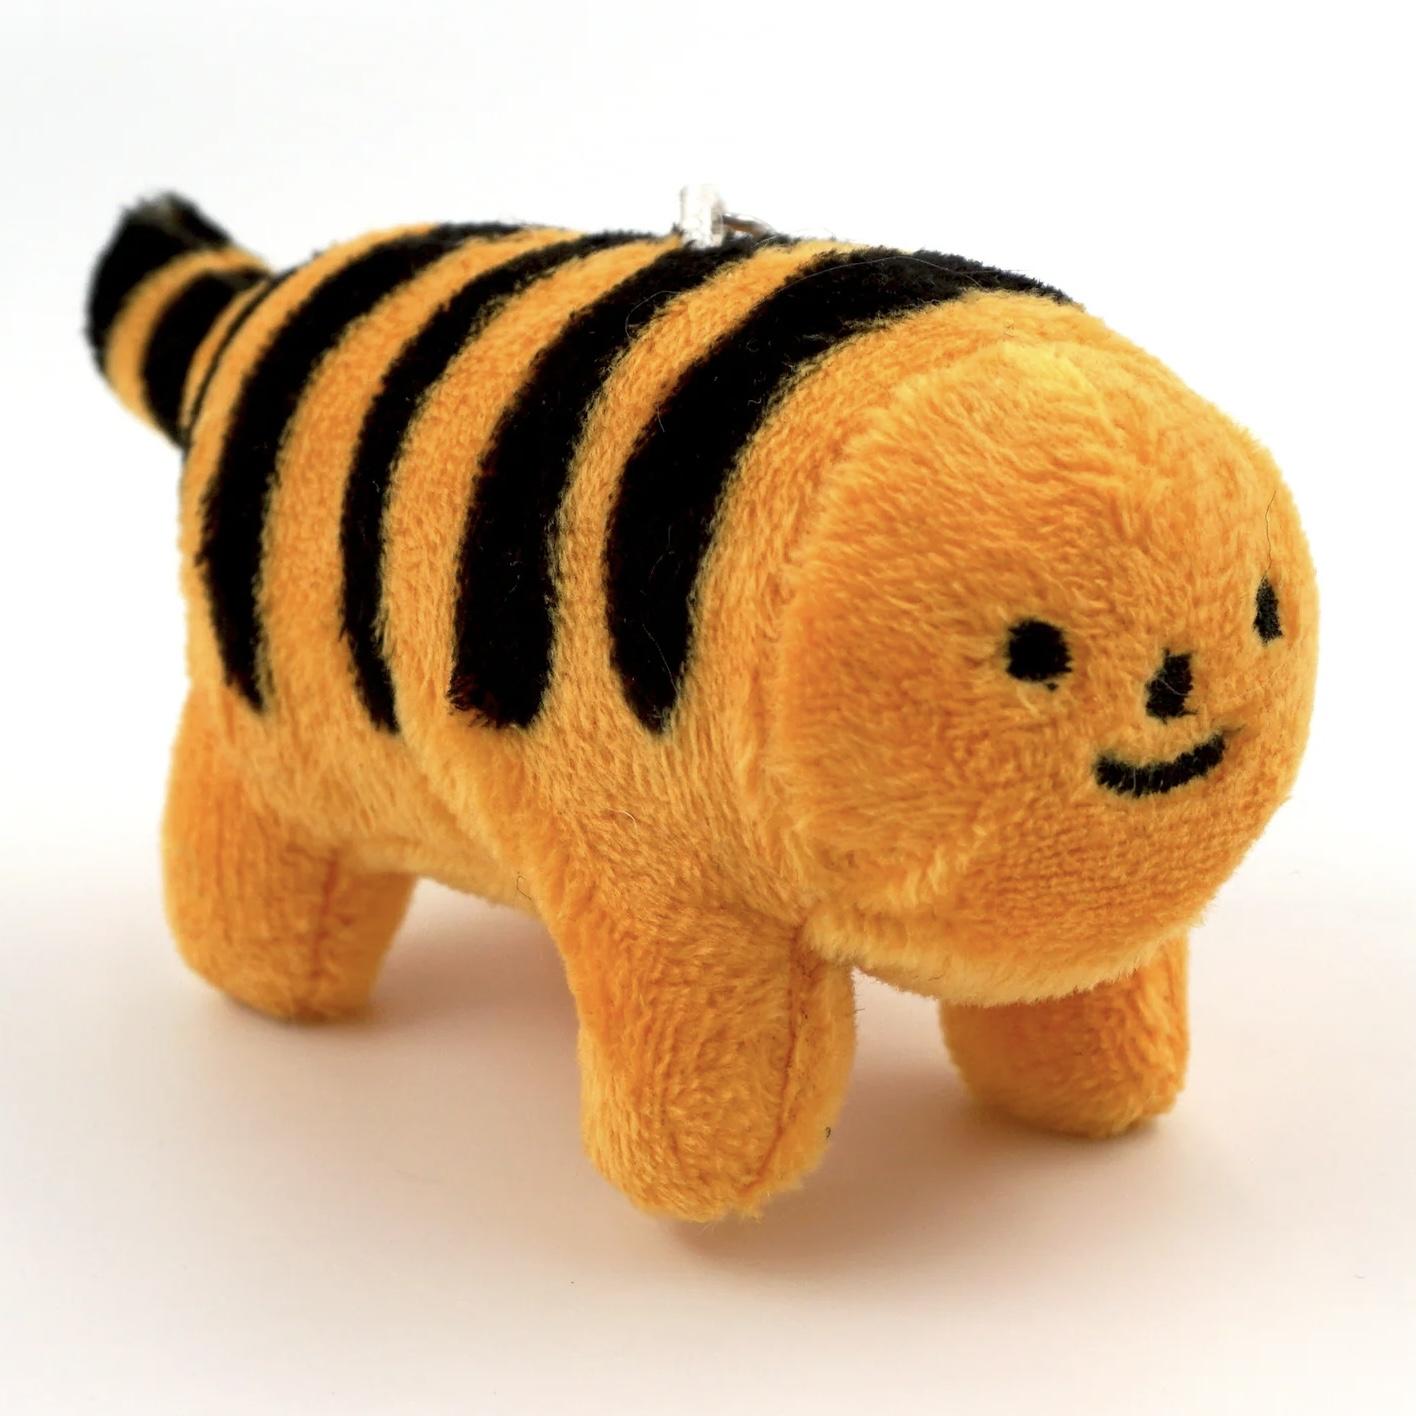 Hato's avatar